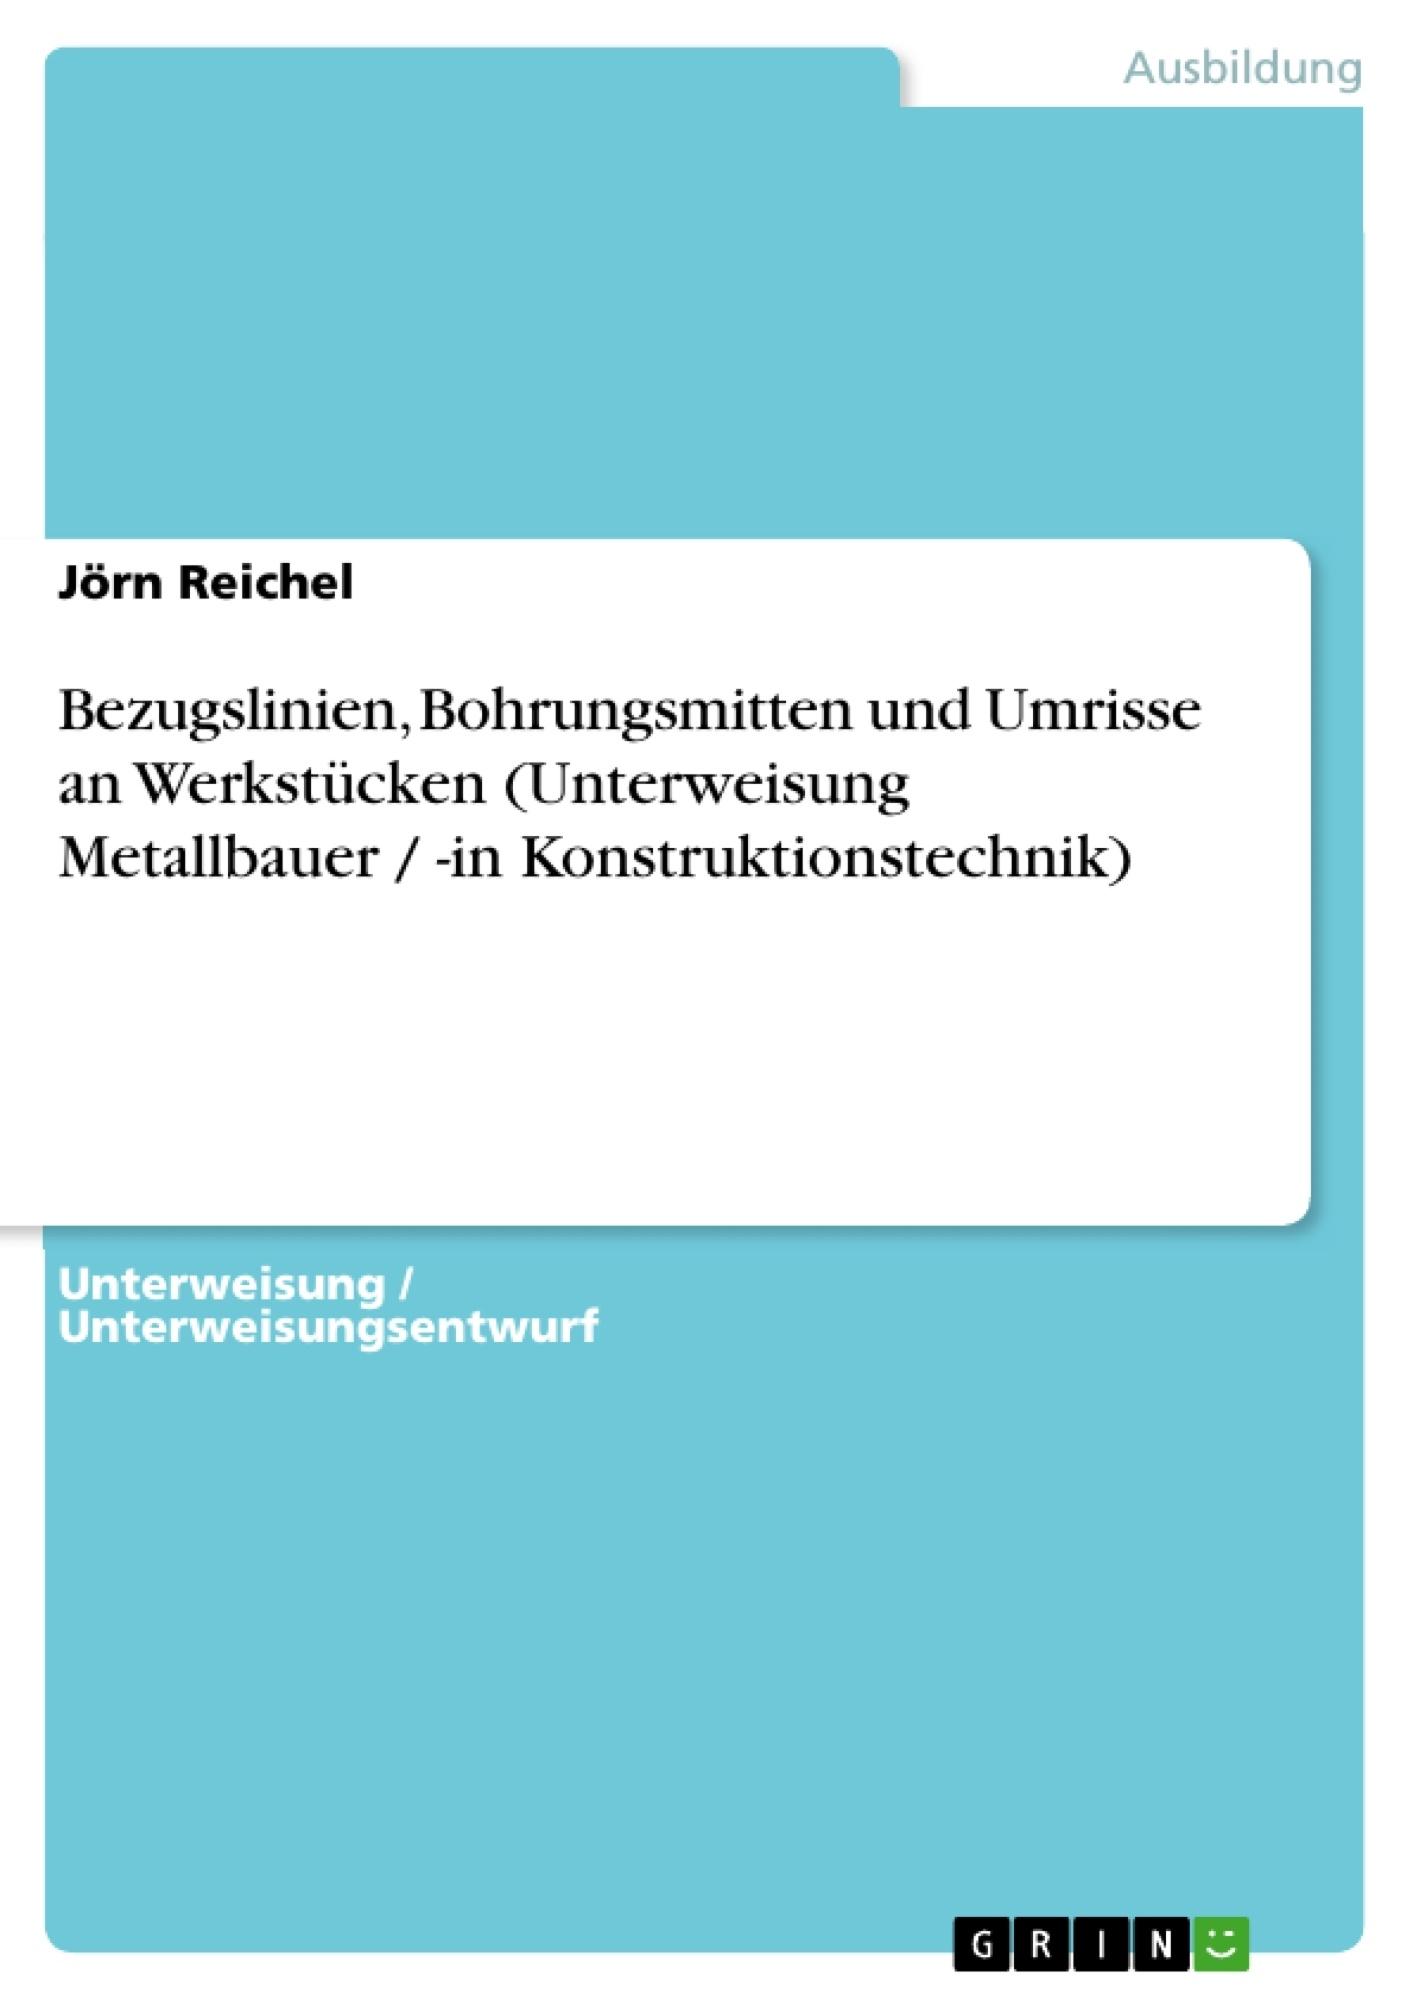 Titel: Bezugslinien, Bohrungsmitten und Umrisse an Werkstücken (Unterweisung Metallbauer / -in Konstruktionstechnik)